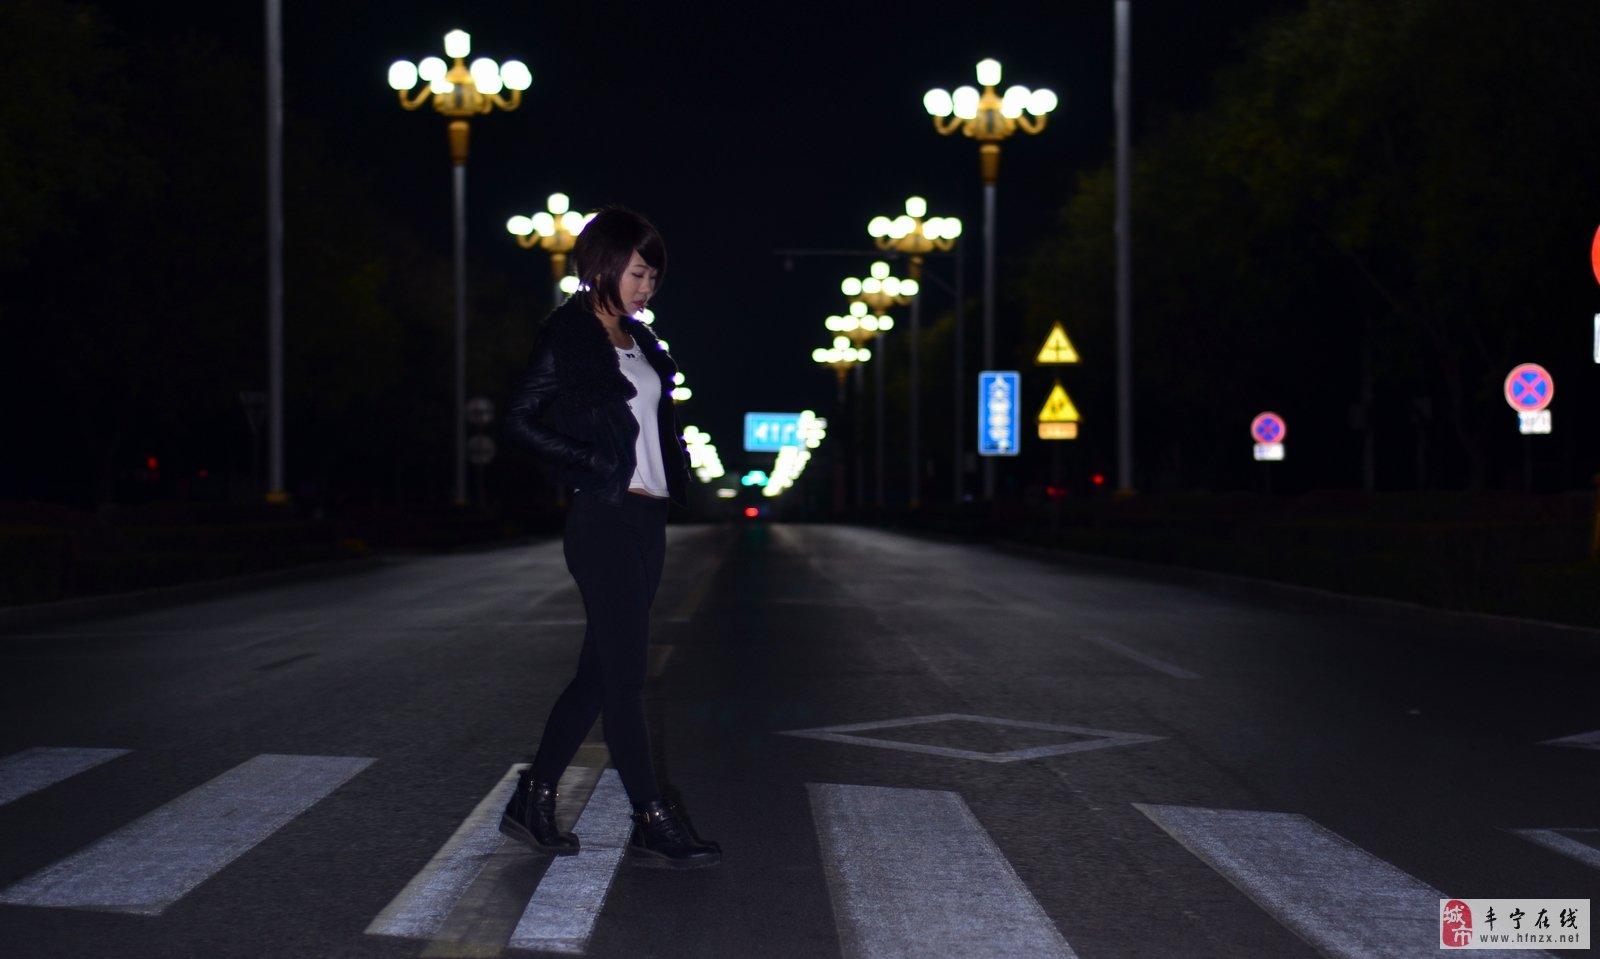 一个人孤独背影图片 一个人街头图片 一个人孤独背影图片